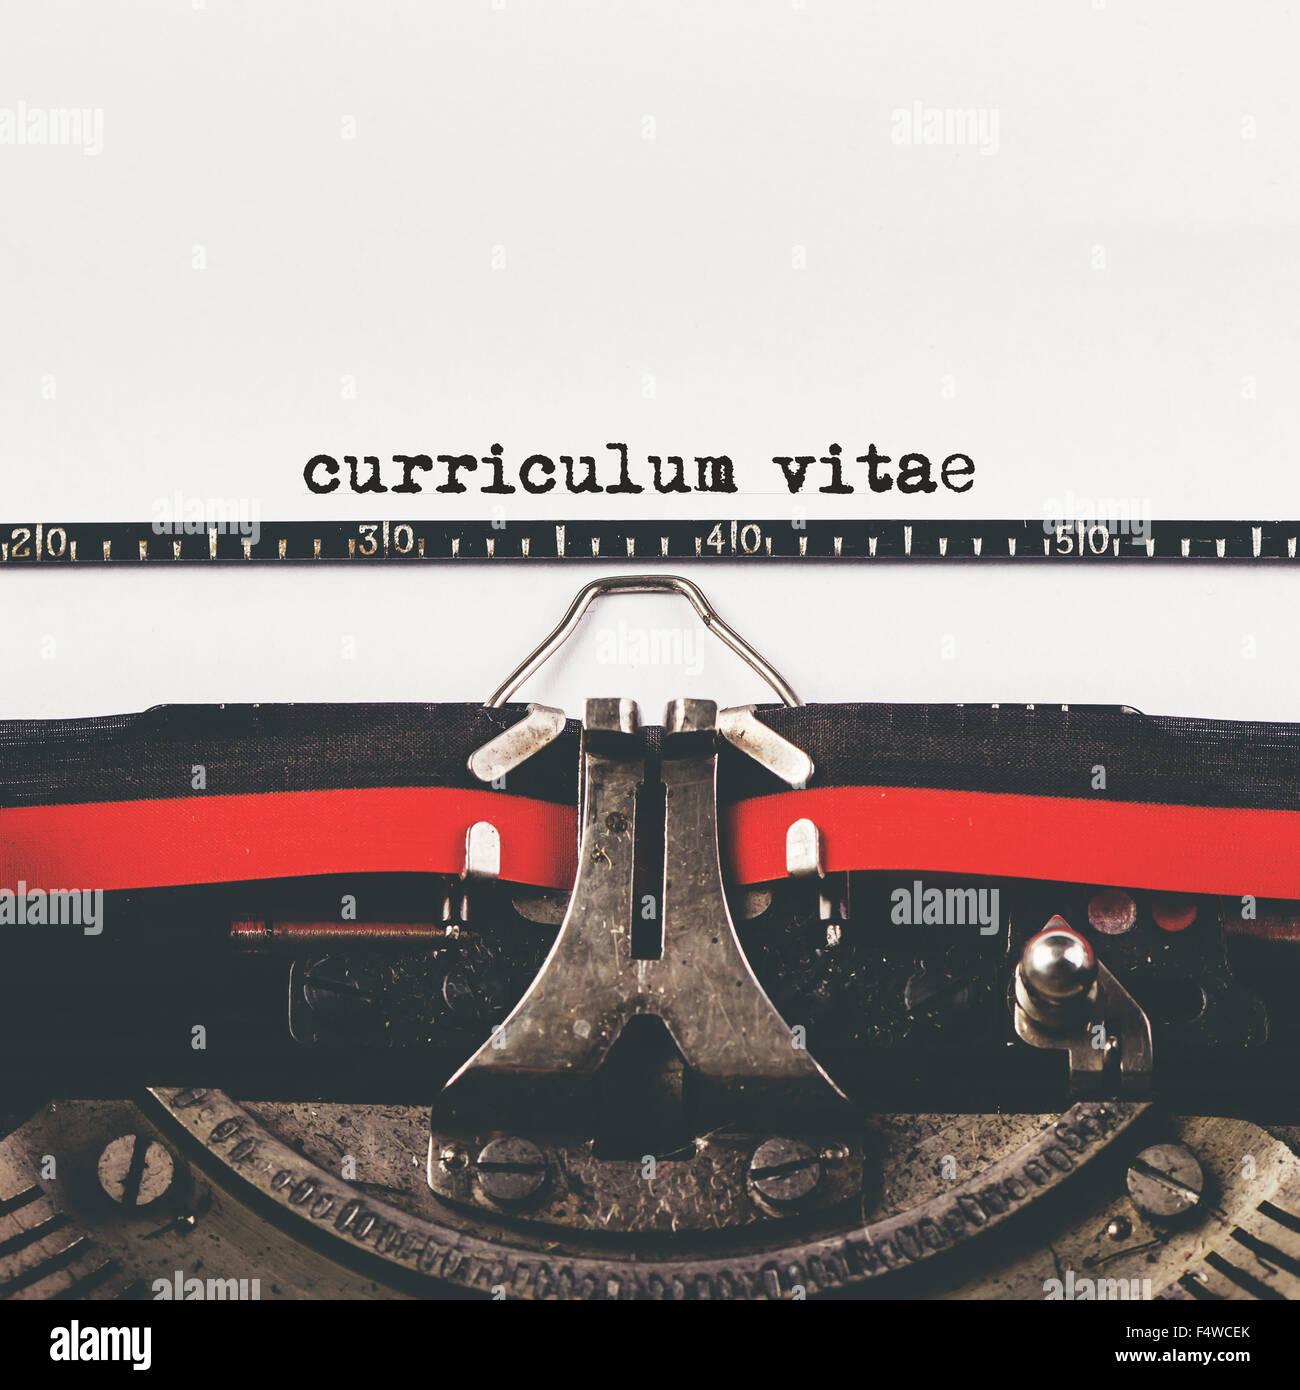 Type de curriculum vitae sur machine à écrire ancienne, vintage retro style hipster tonique pour demande Photo Stock